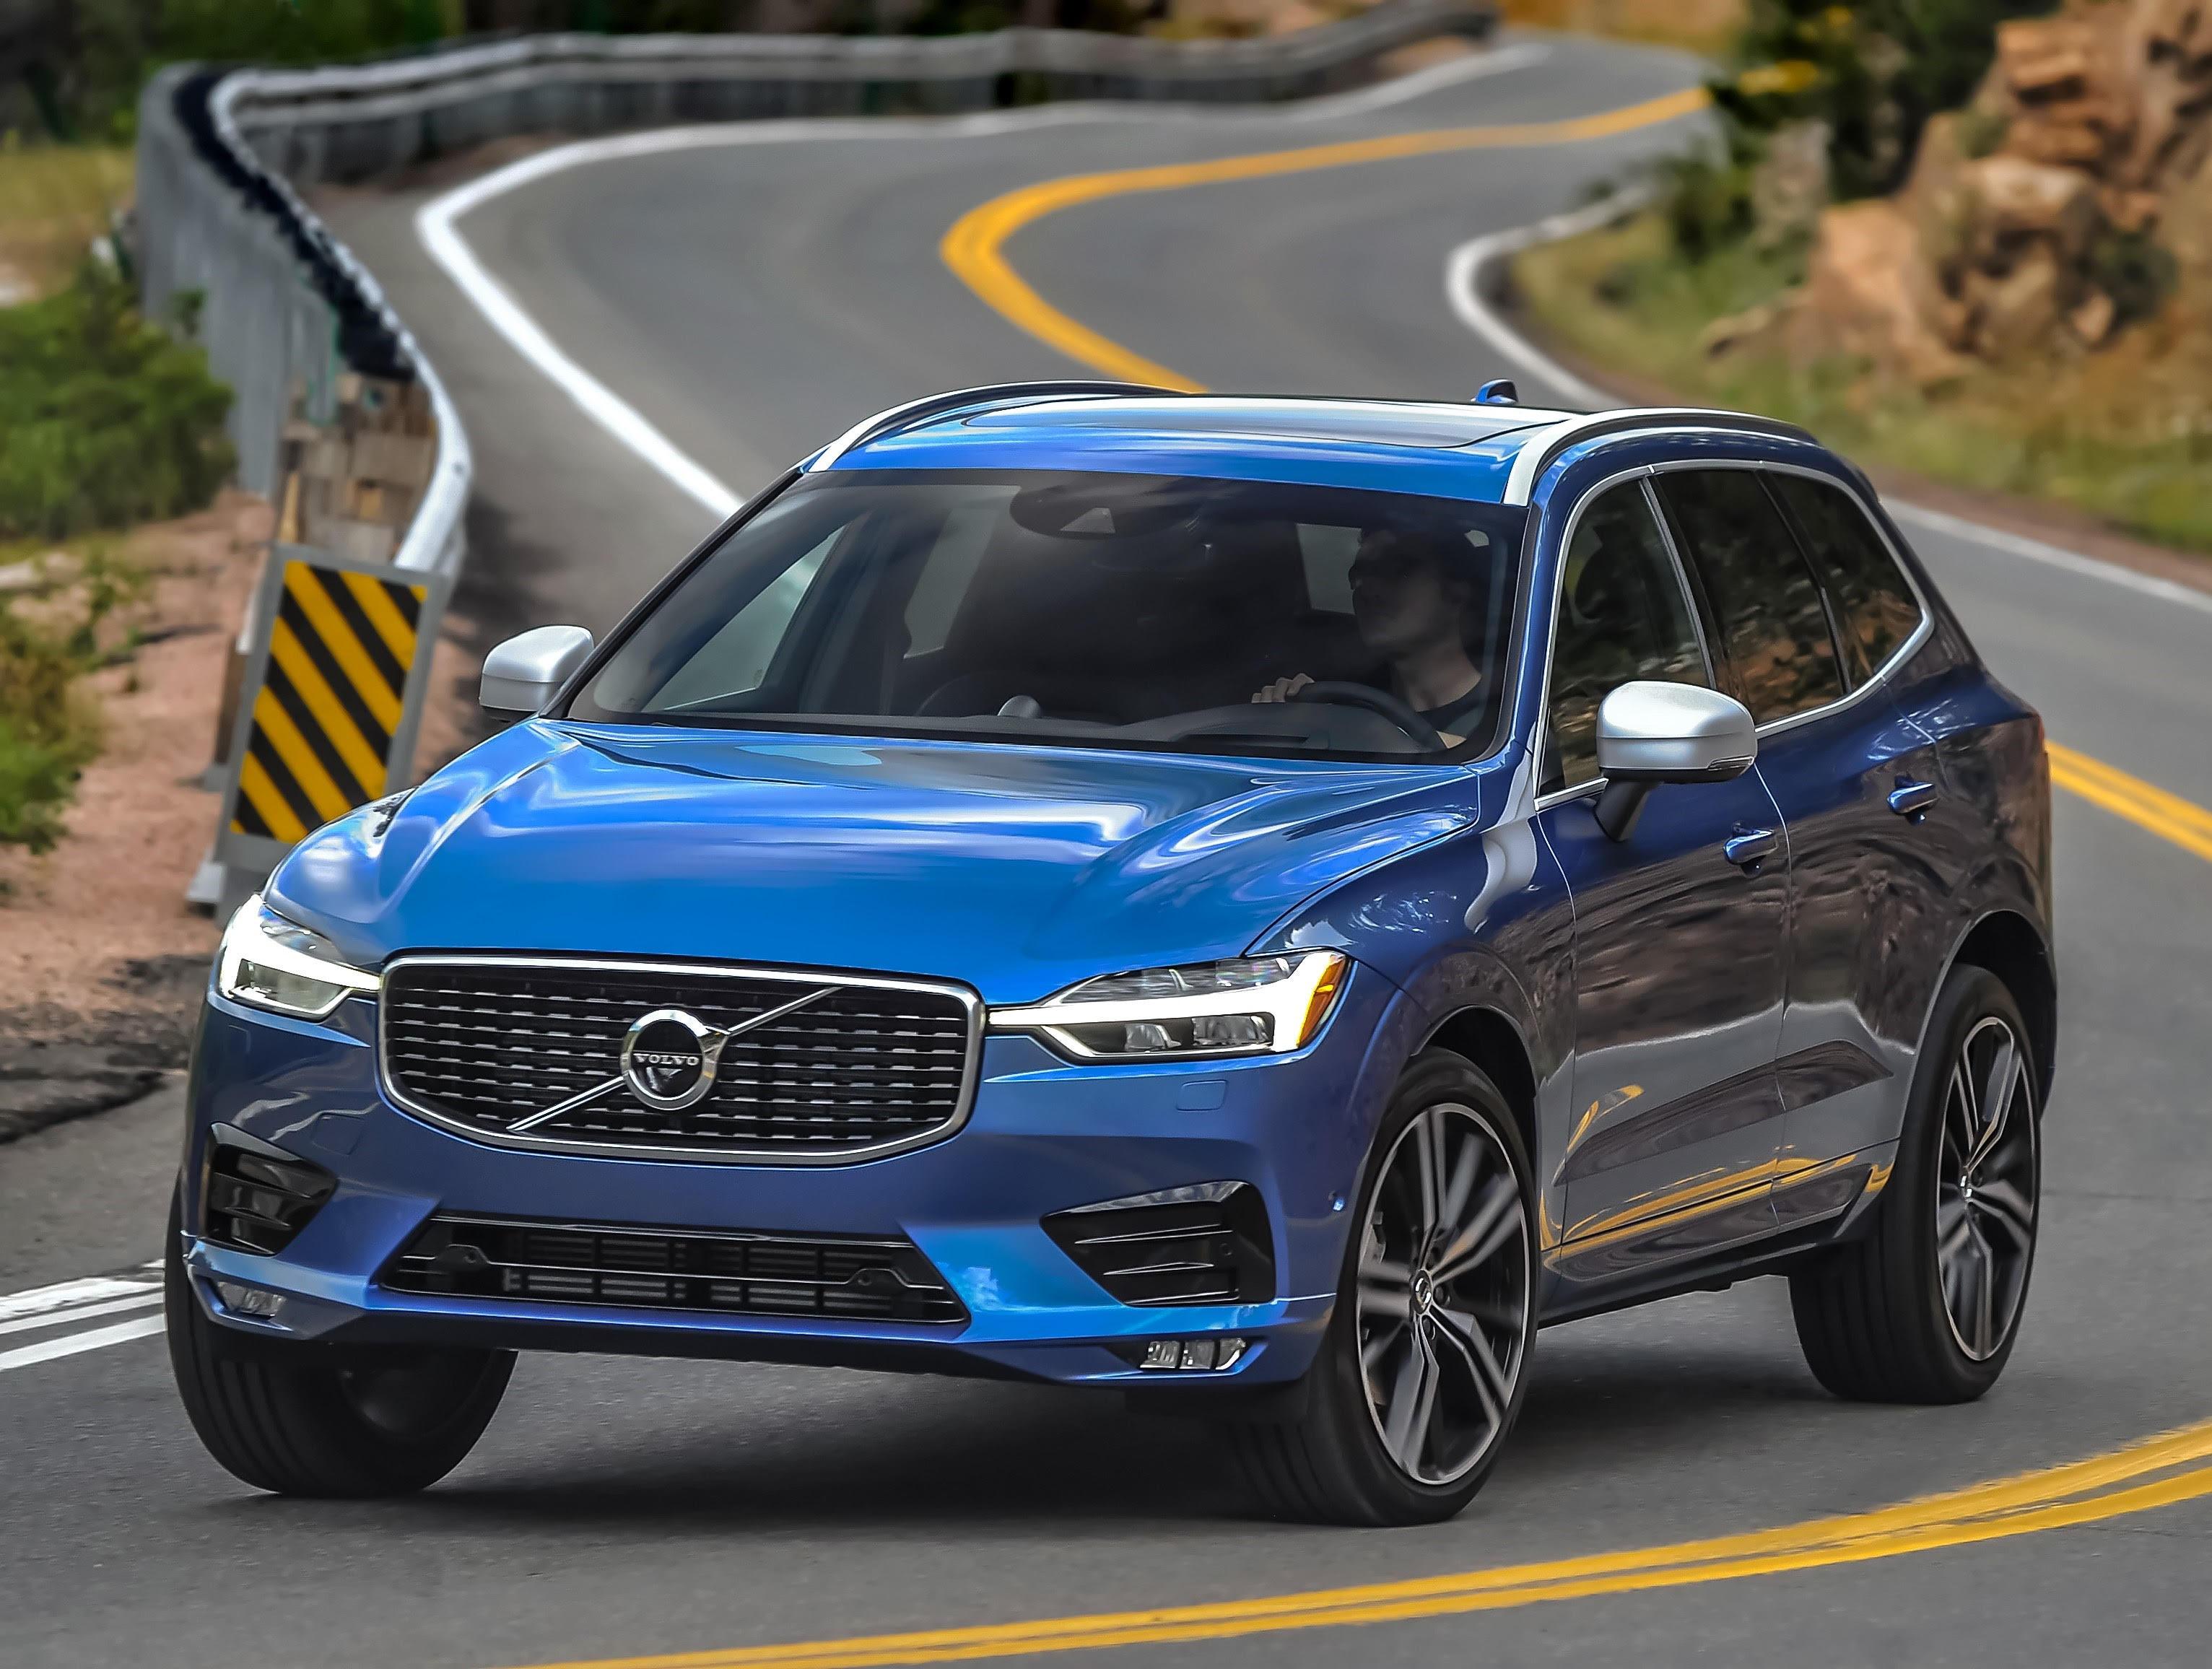 XC de Volvo